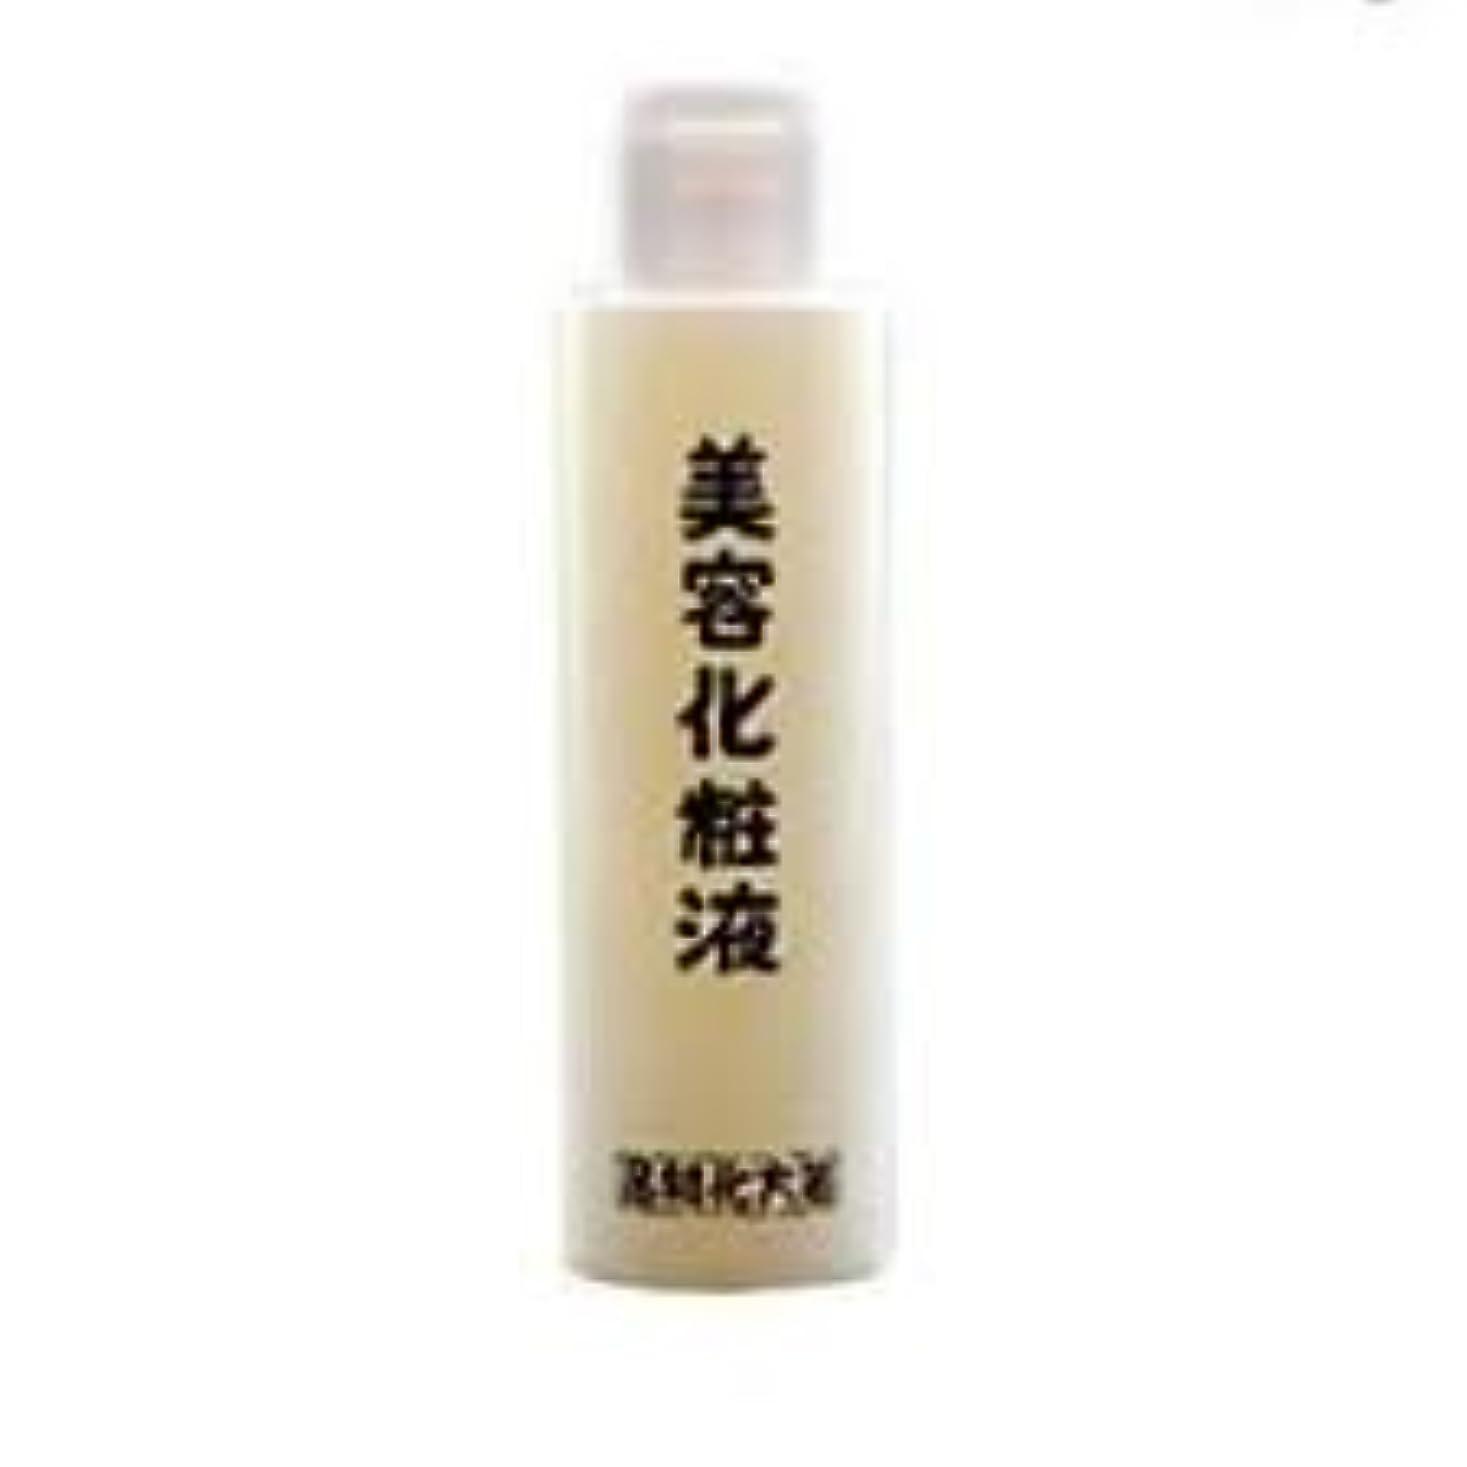 血まみれ減る不快な箸方化粧品 美容化粧液 化粧水 120ml はしかた化粧品